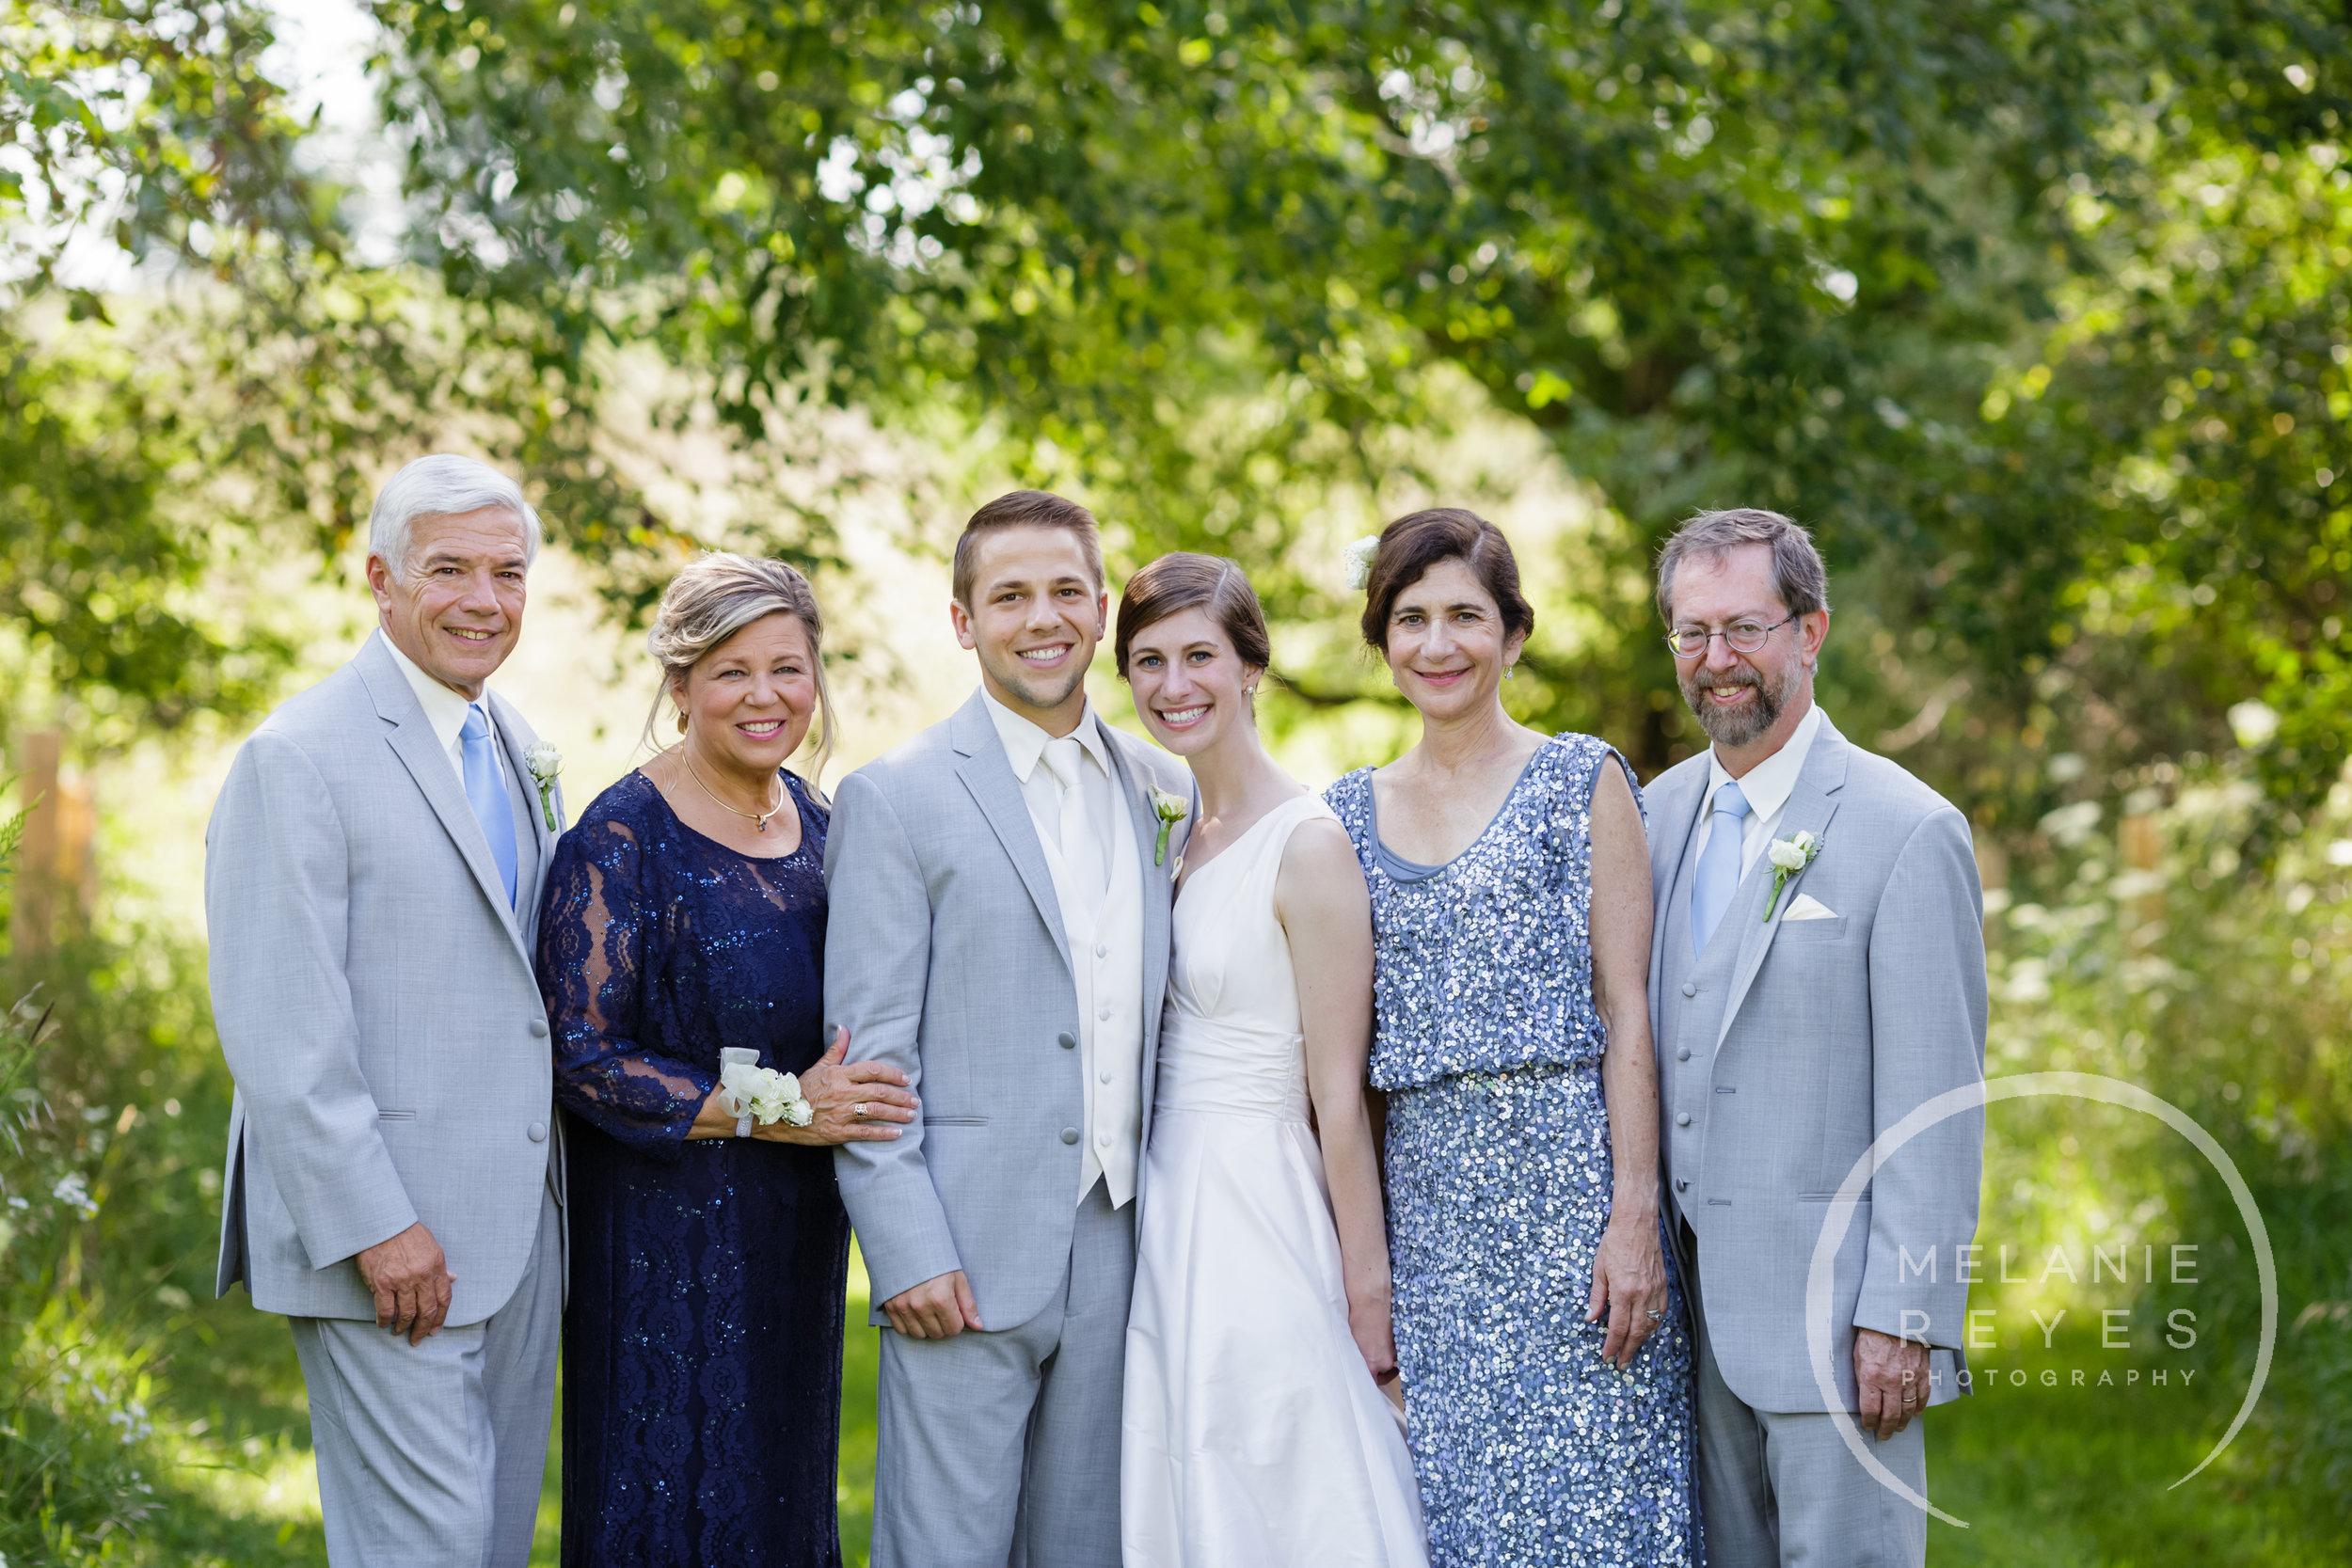 035_farm_wedding_melanie_reyes.JPG